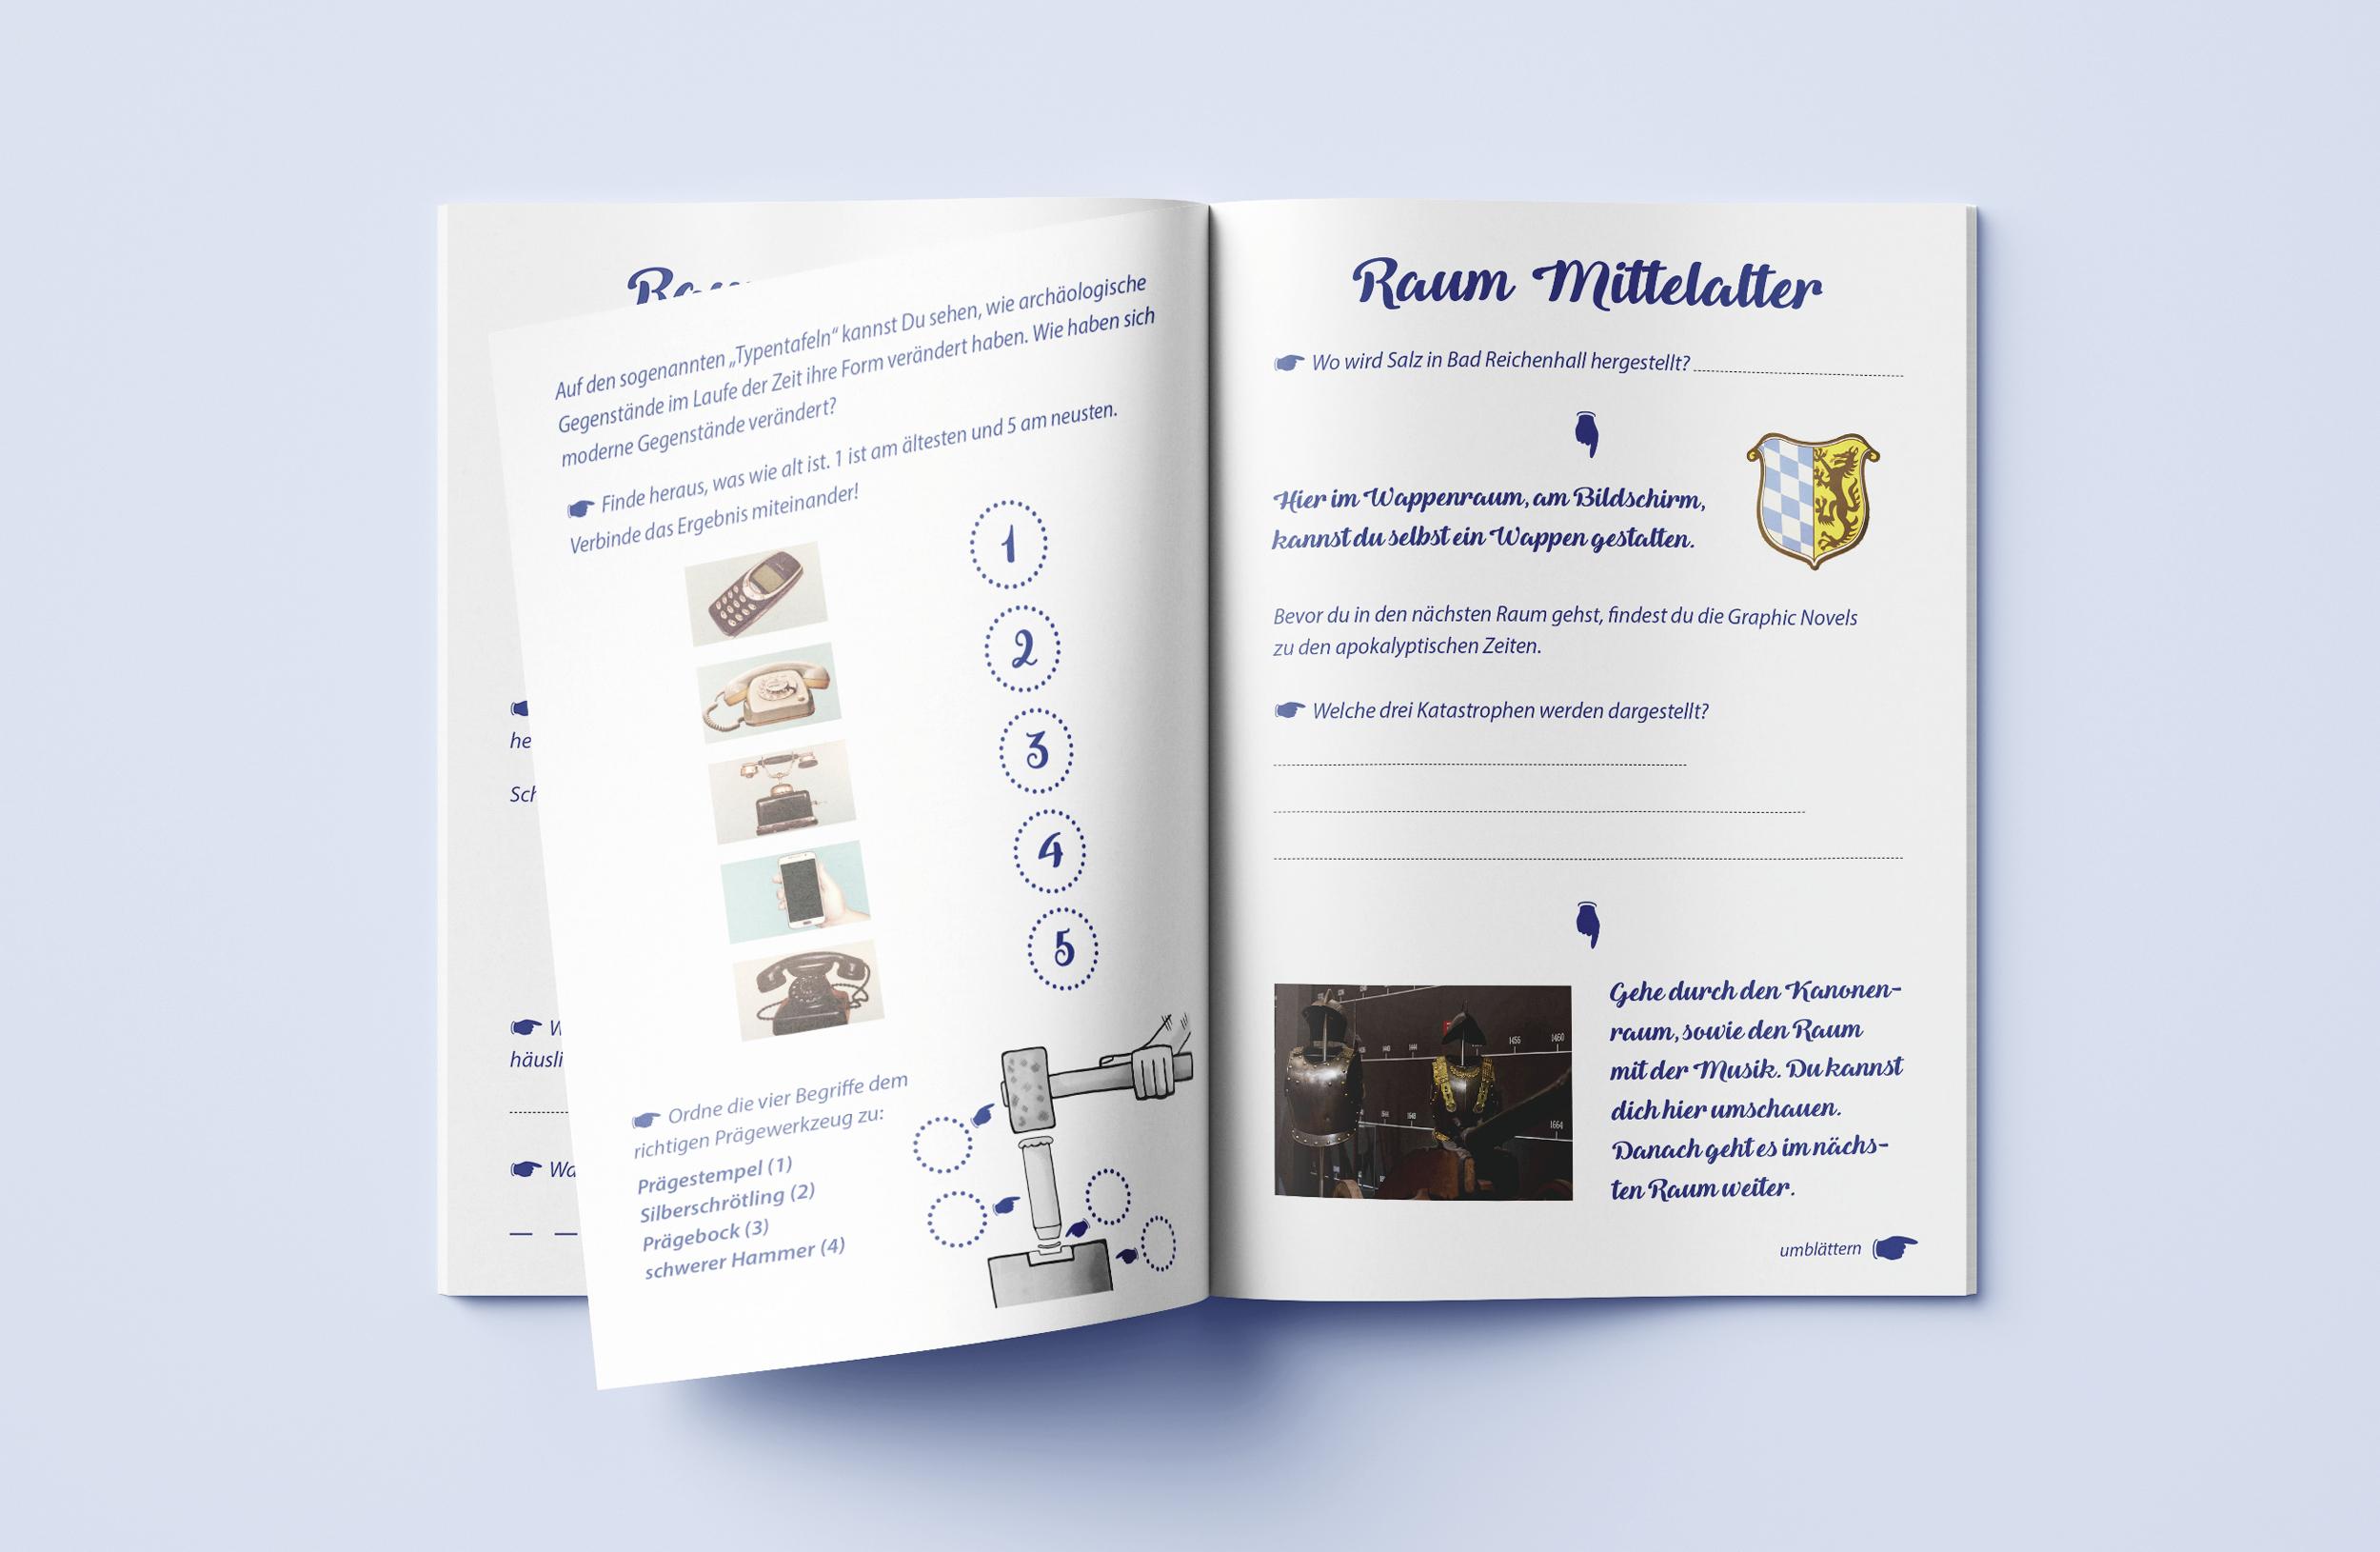 Rhmuseum Quizflyer 2020 04